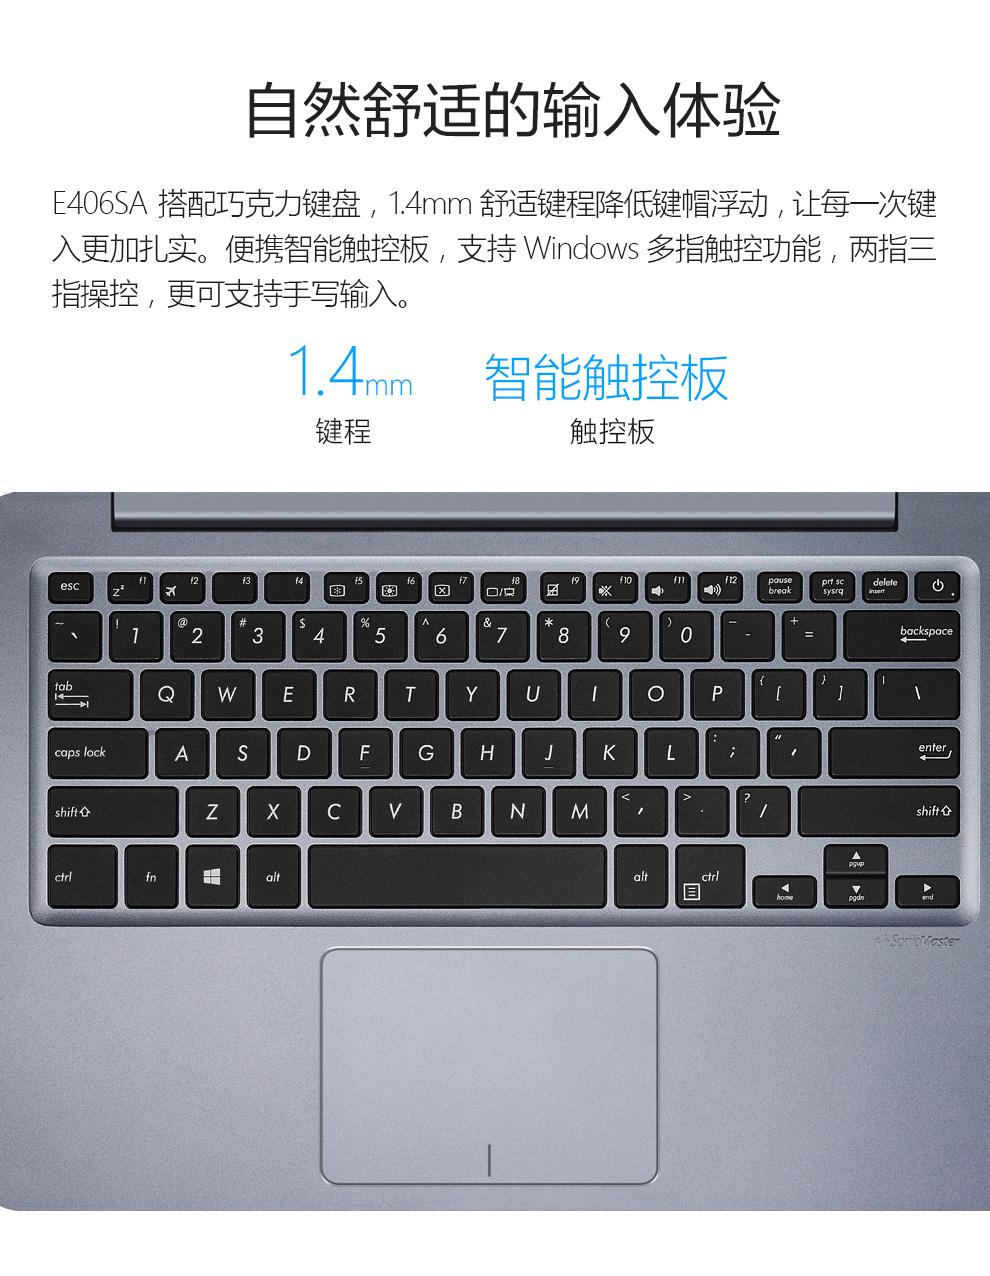 中山手机网 华硕 华硕 E460SA手机专卖